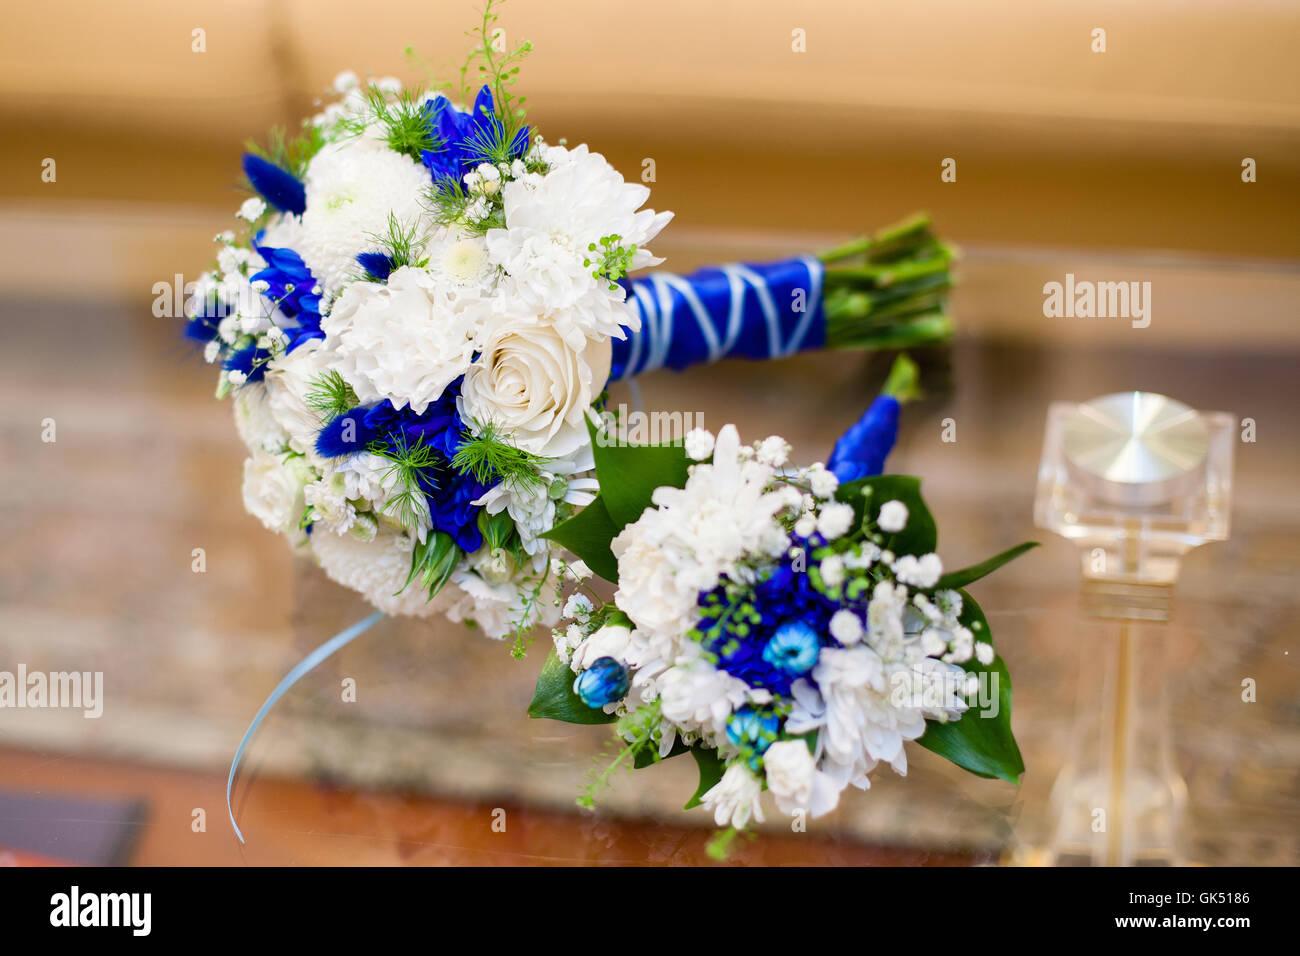 Blaue Und Weisse Hochzeitsstrauss Rosen Auf Glastisch Stockfoto Bild